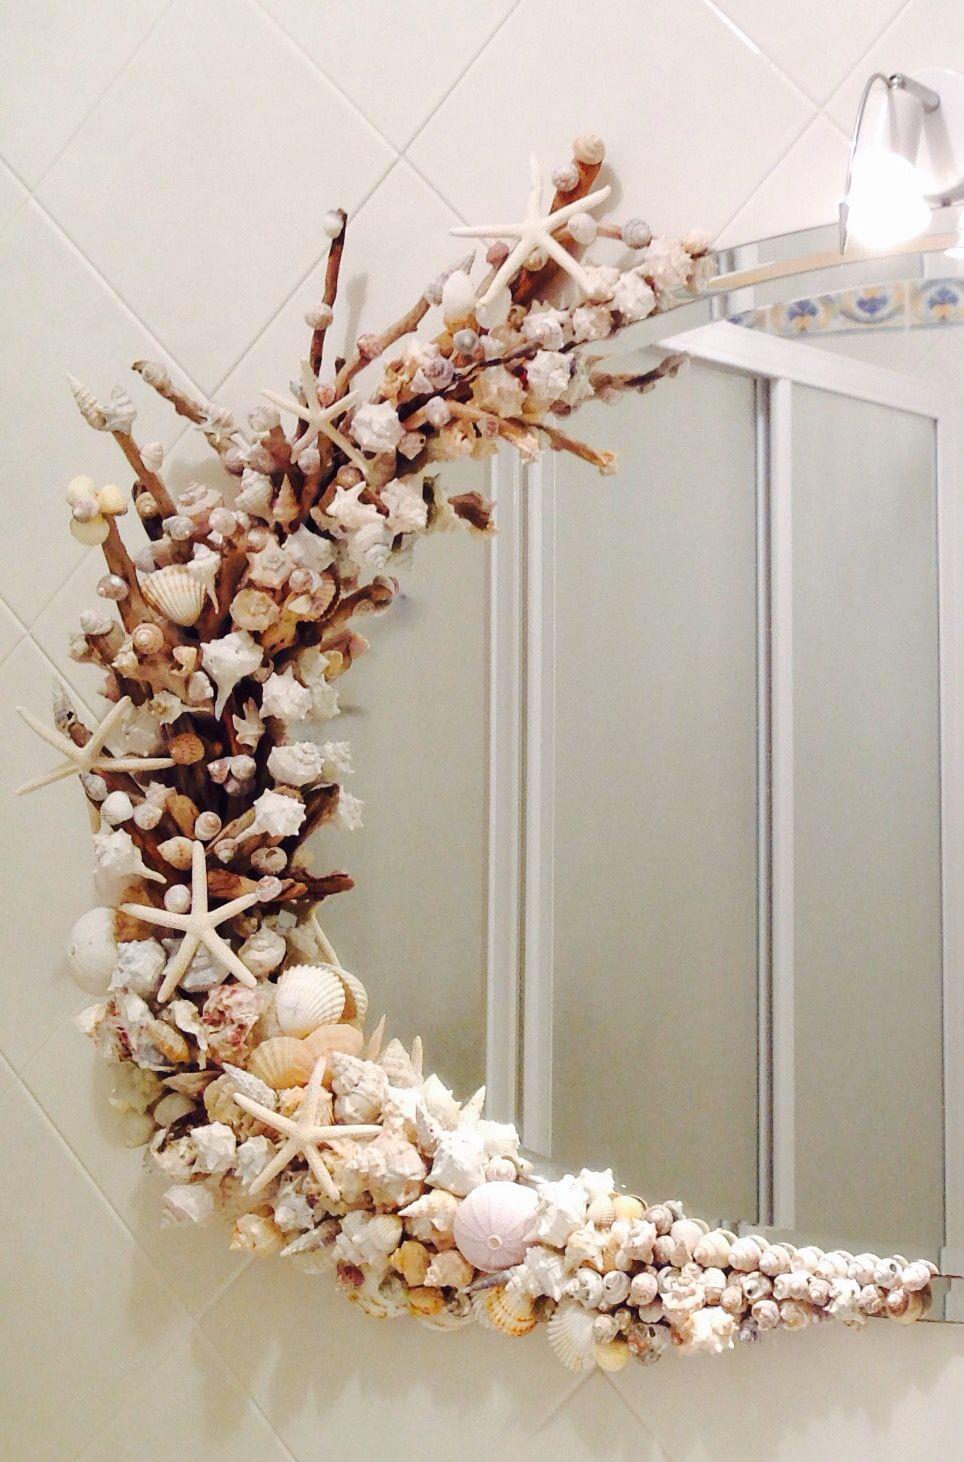 Specchi Decorati Per Bagno.Specchio Decorato Con Le Conchiglie E Bastoncini Trovati Sulla